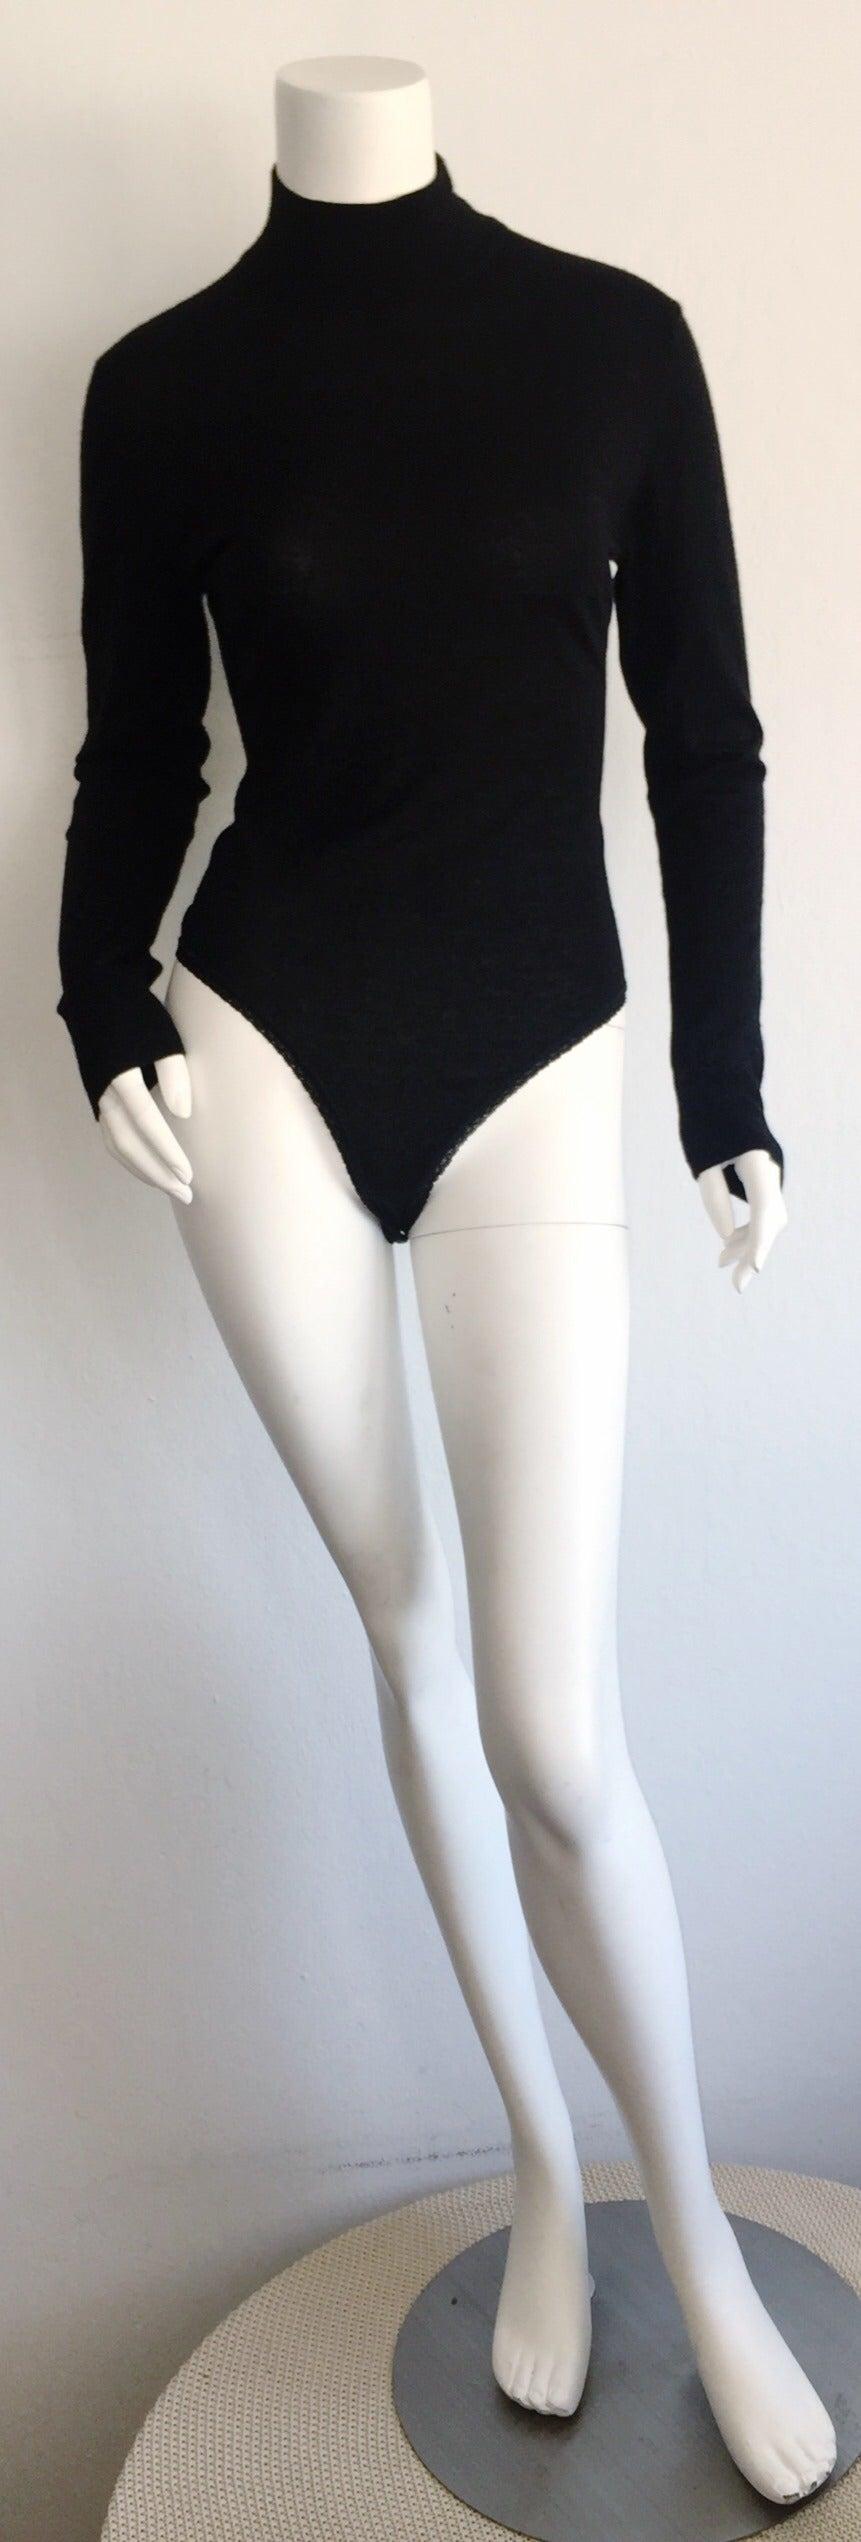 Sexy Vintage Donna Karan Black Cashmere Bodysuit / Onesie For Sale 4